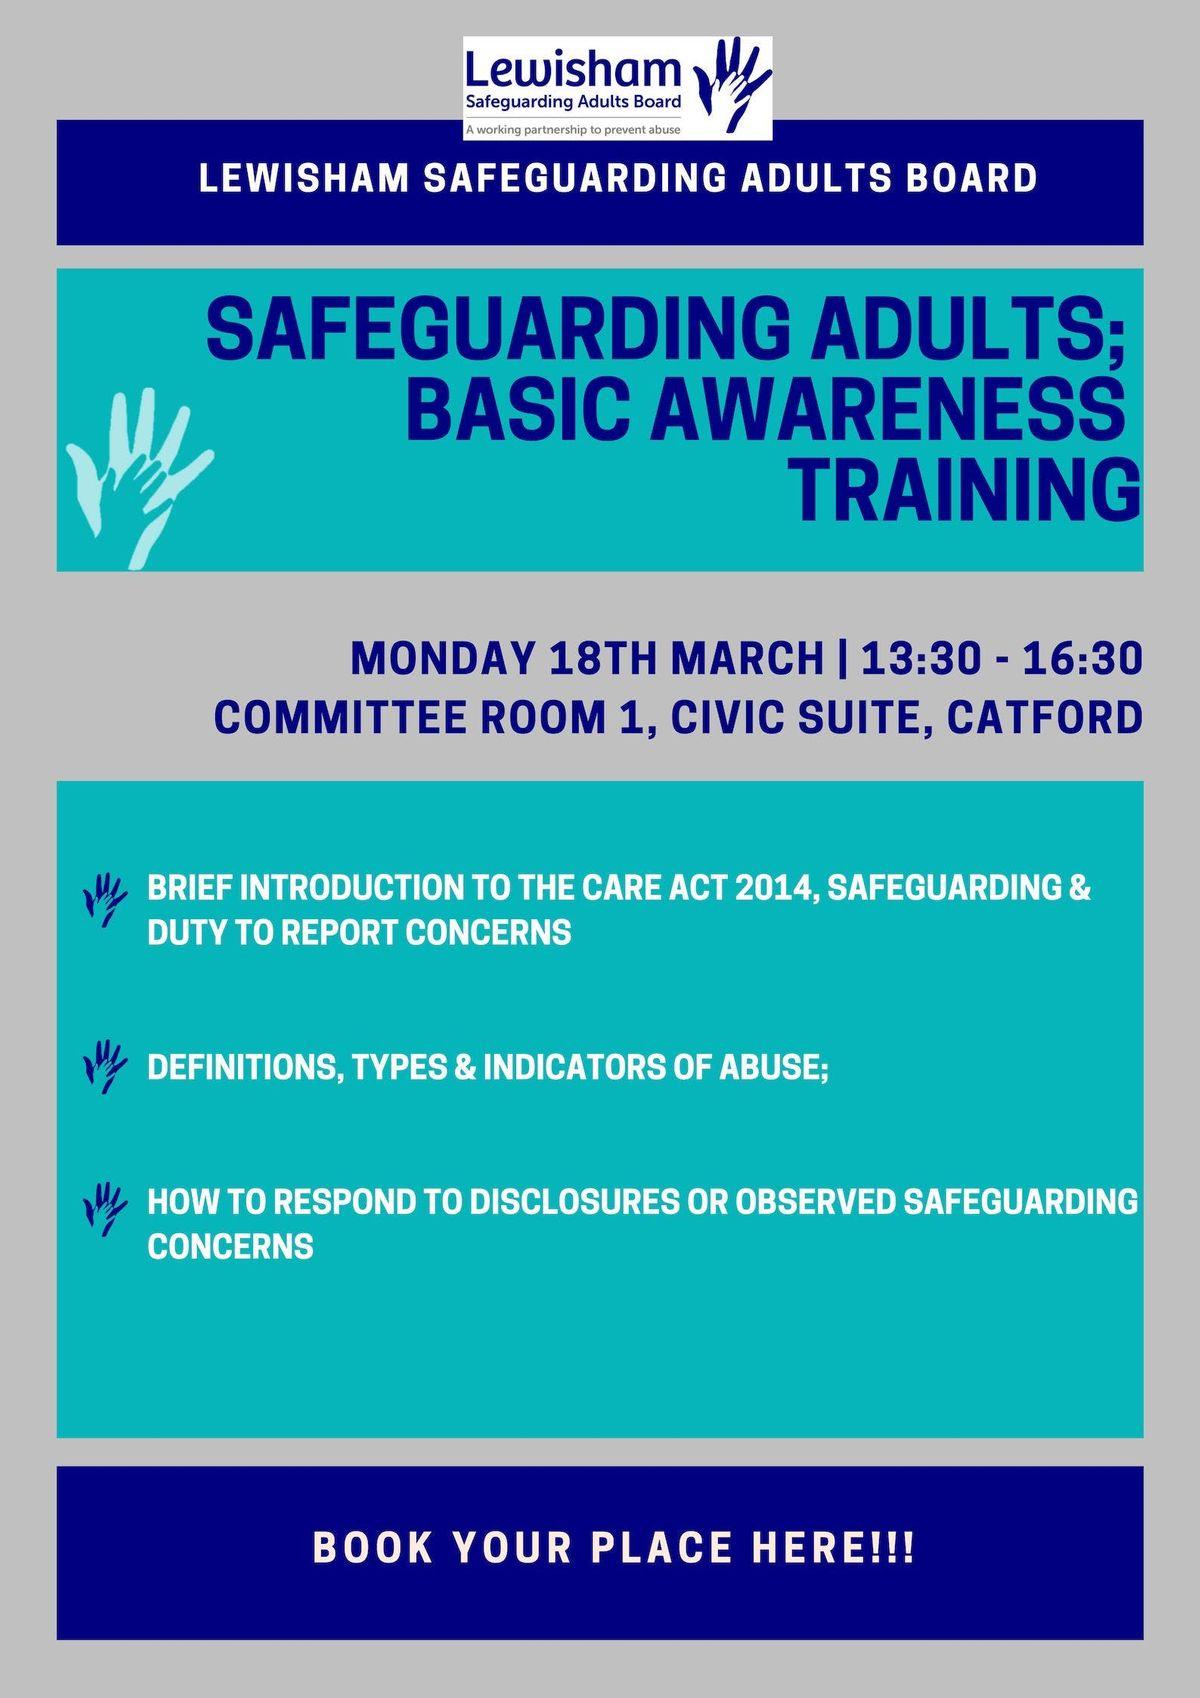 Safeguarding Adults Basic Awareness Training